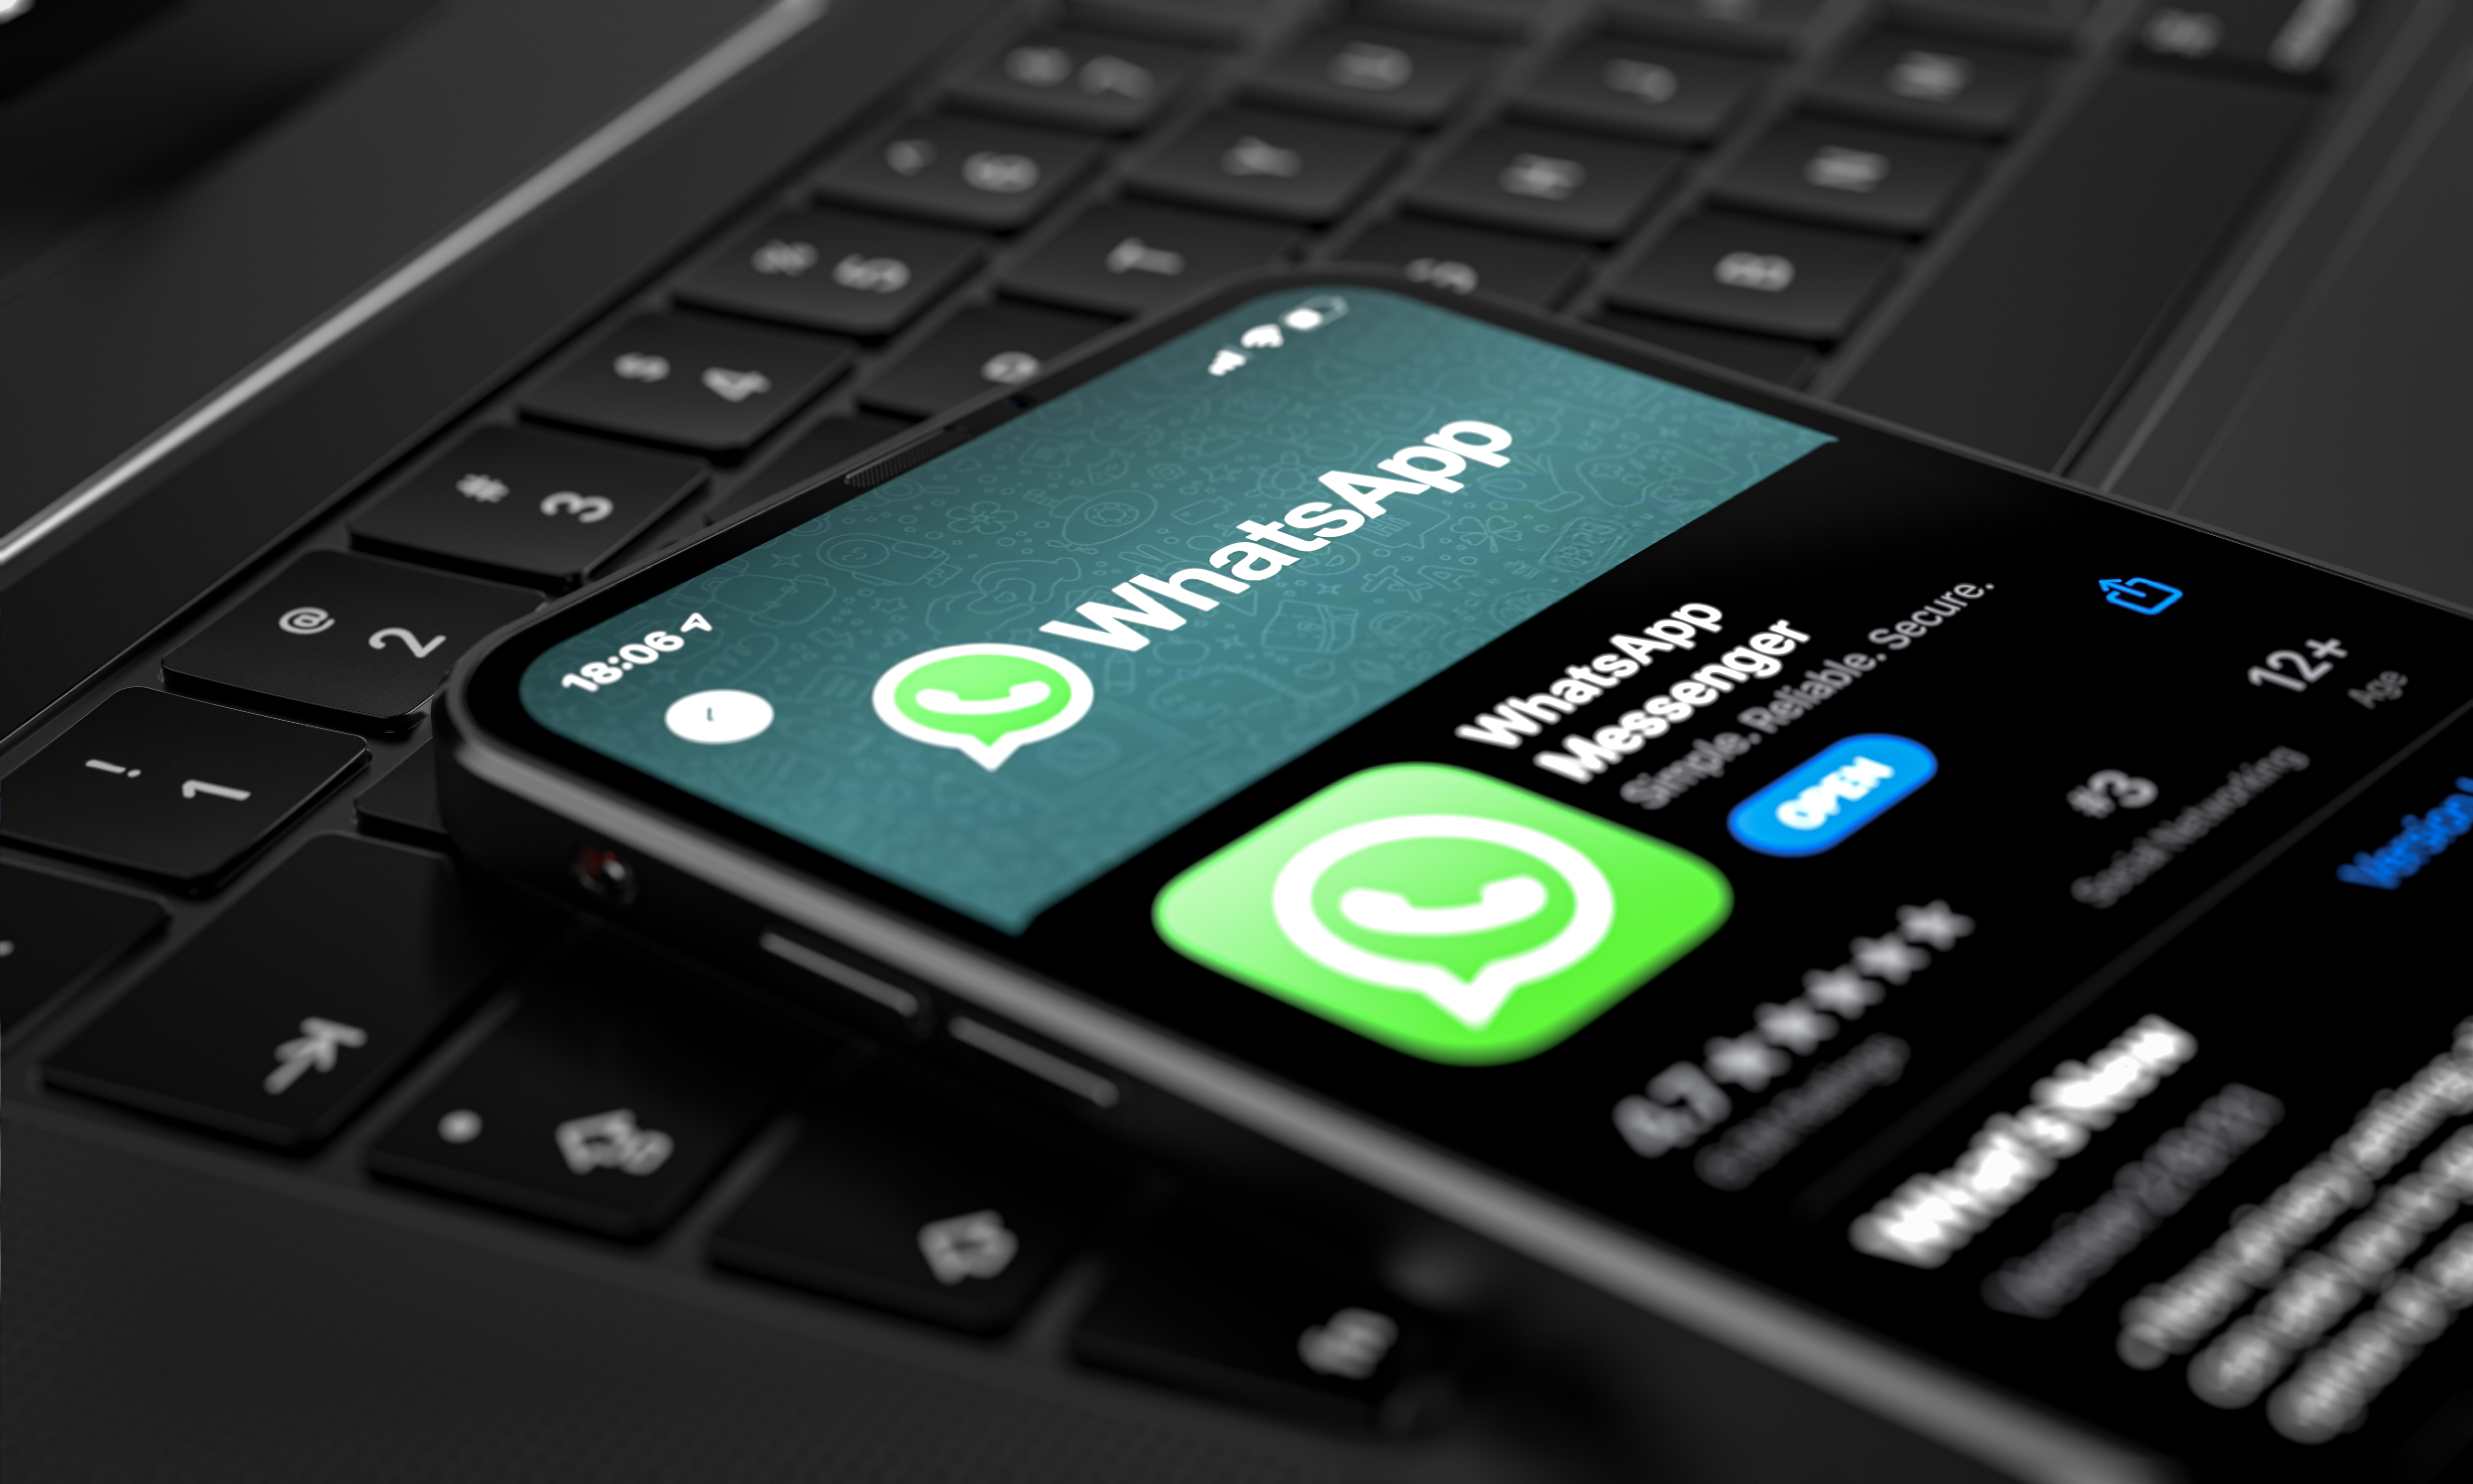 Cum te poți trezi cu contul de WhatsApp șters dacă rulezi aceste aplicații pe telefonul tău